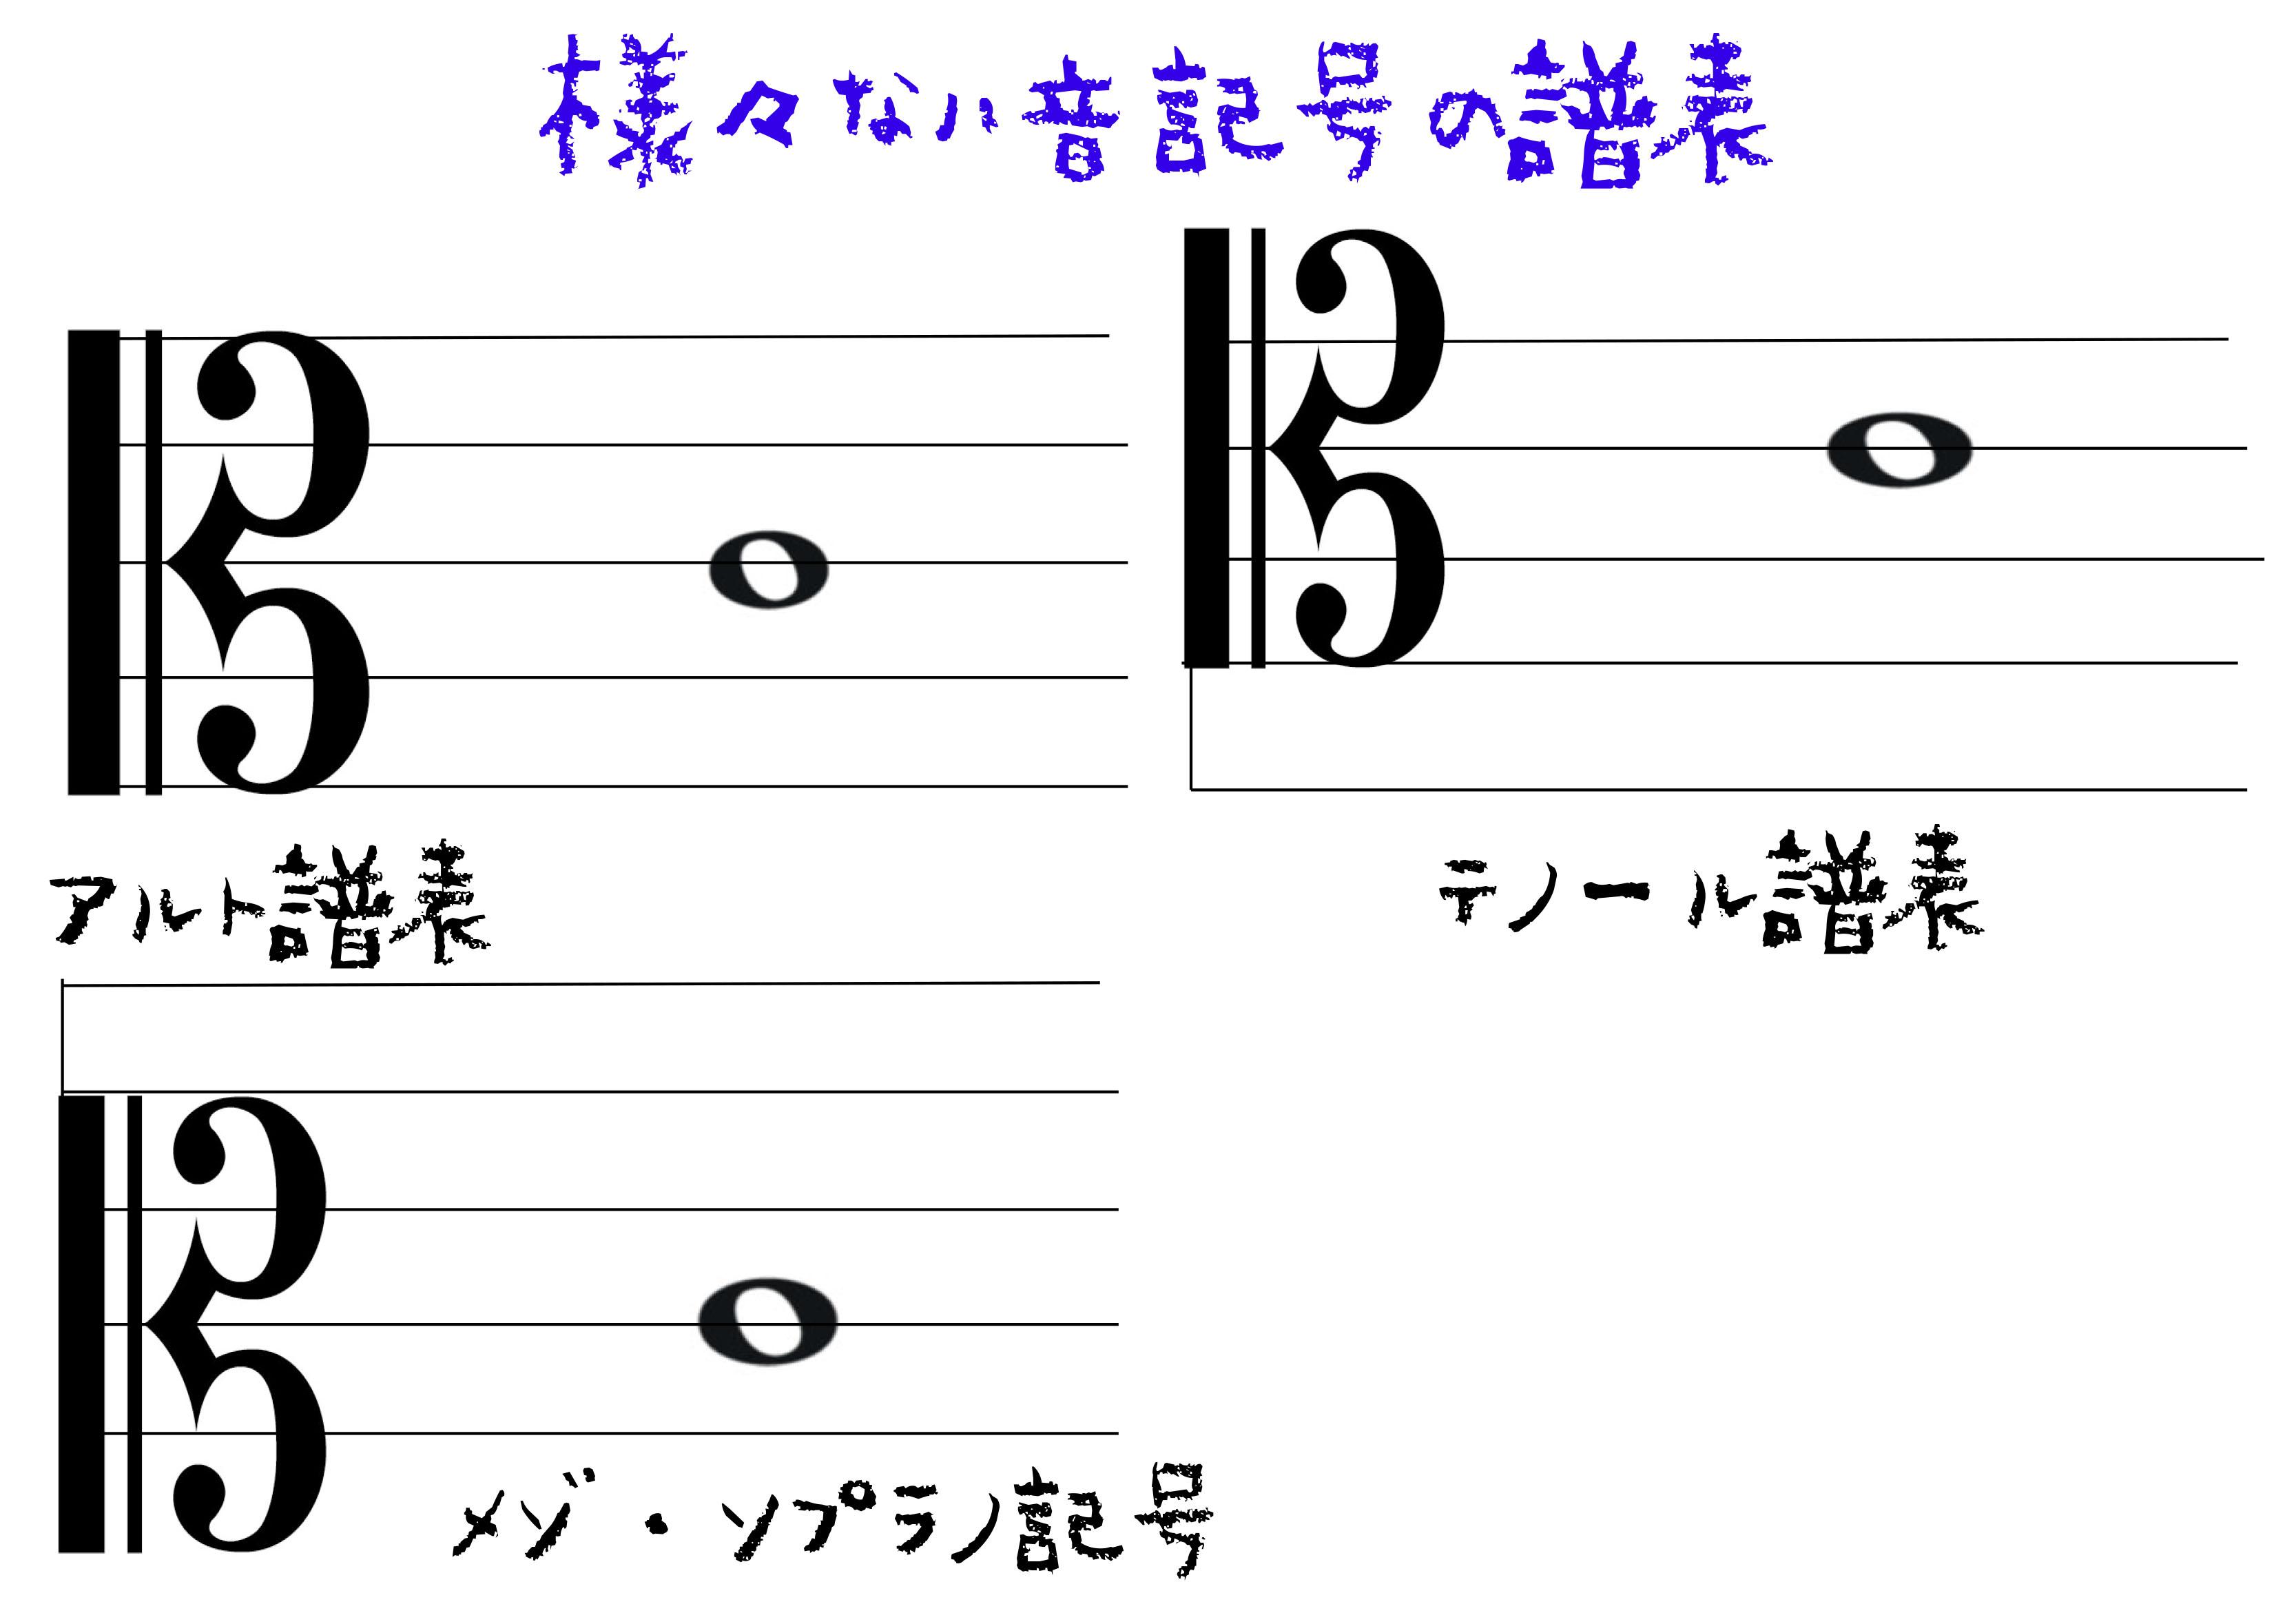 ハ音記号譜表